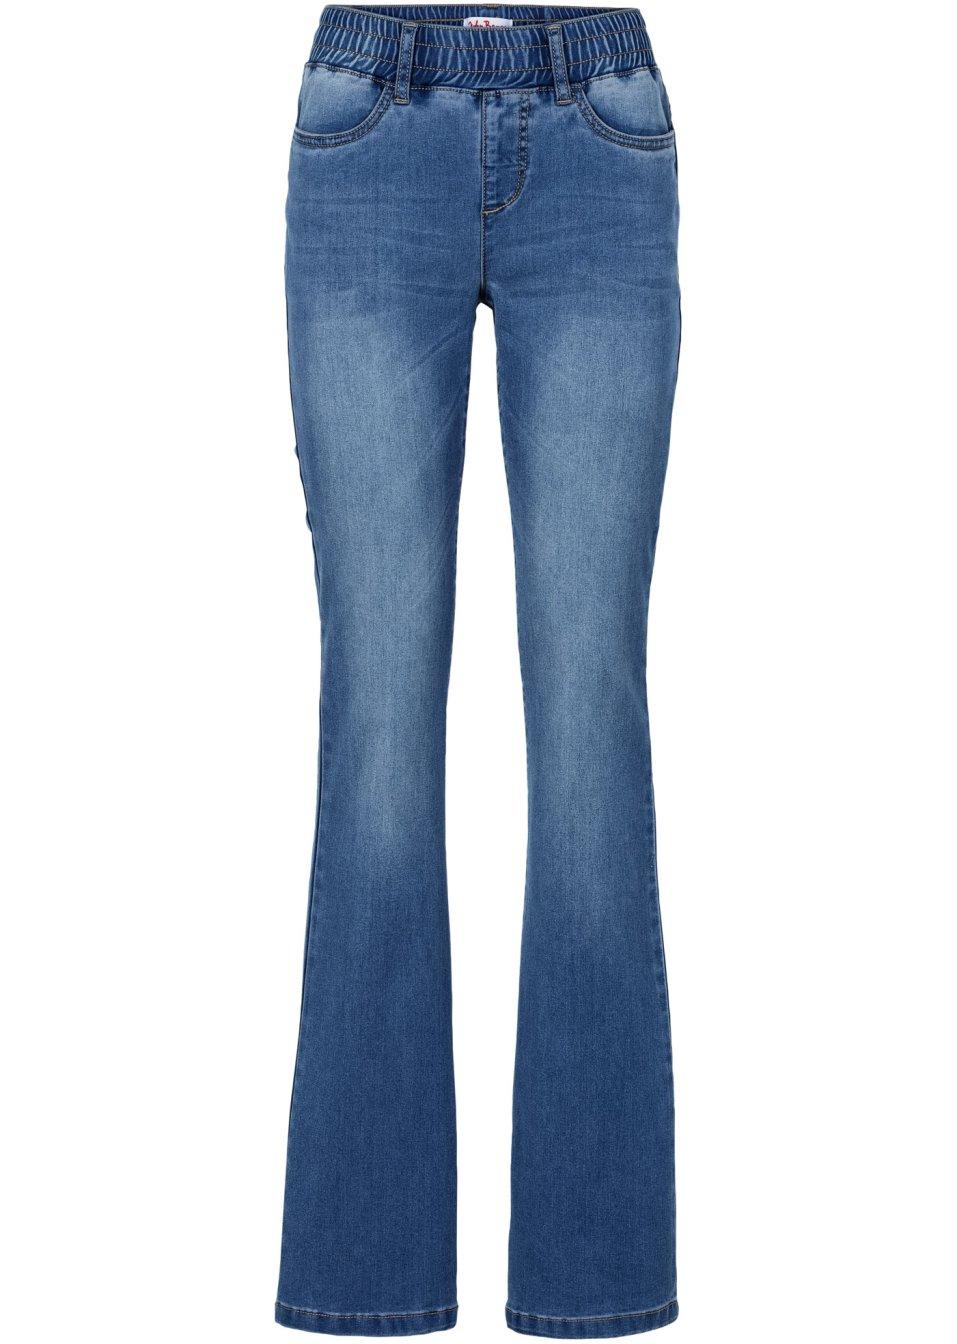 bequeme power stretch bootcut jeans mit gummibund blau. Black Bedroom Furniture Sets. Home Design Ideas